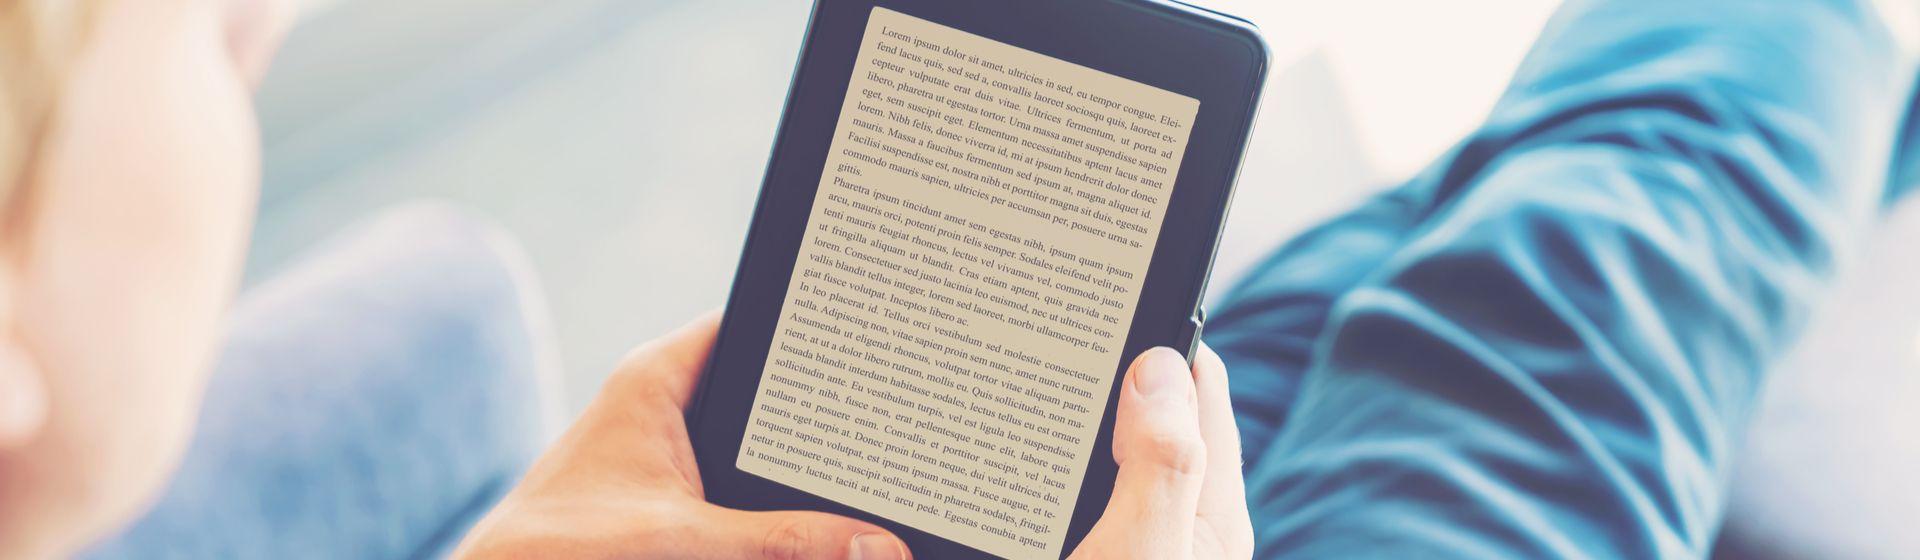 Como fazer um ebook? Confira dicas importantes